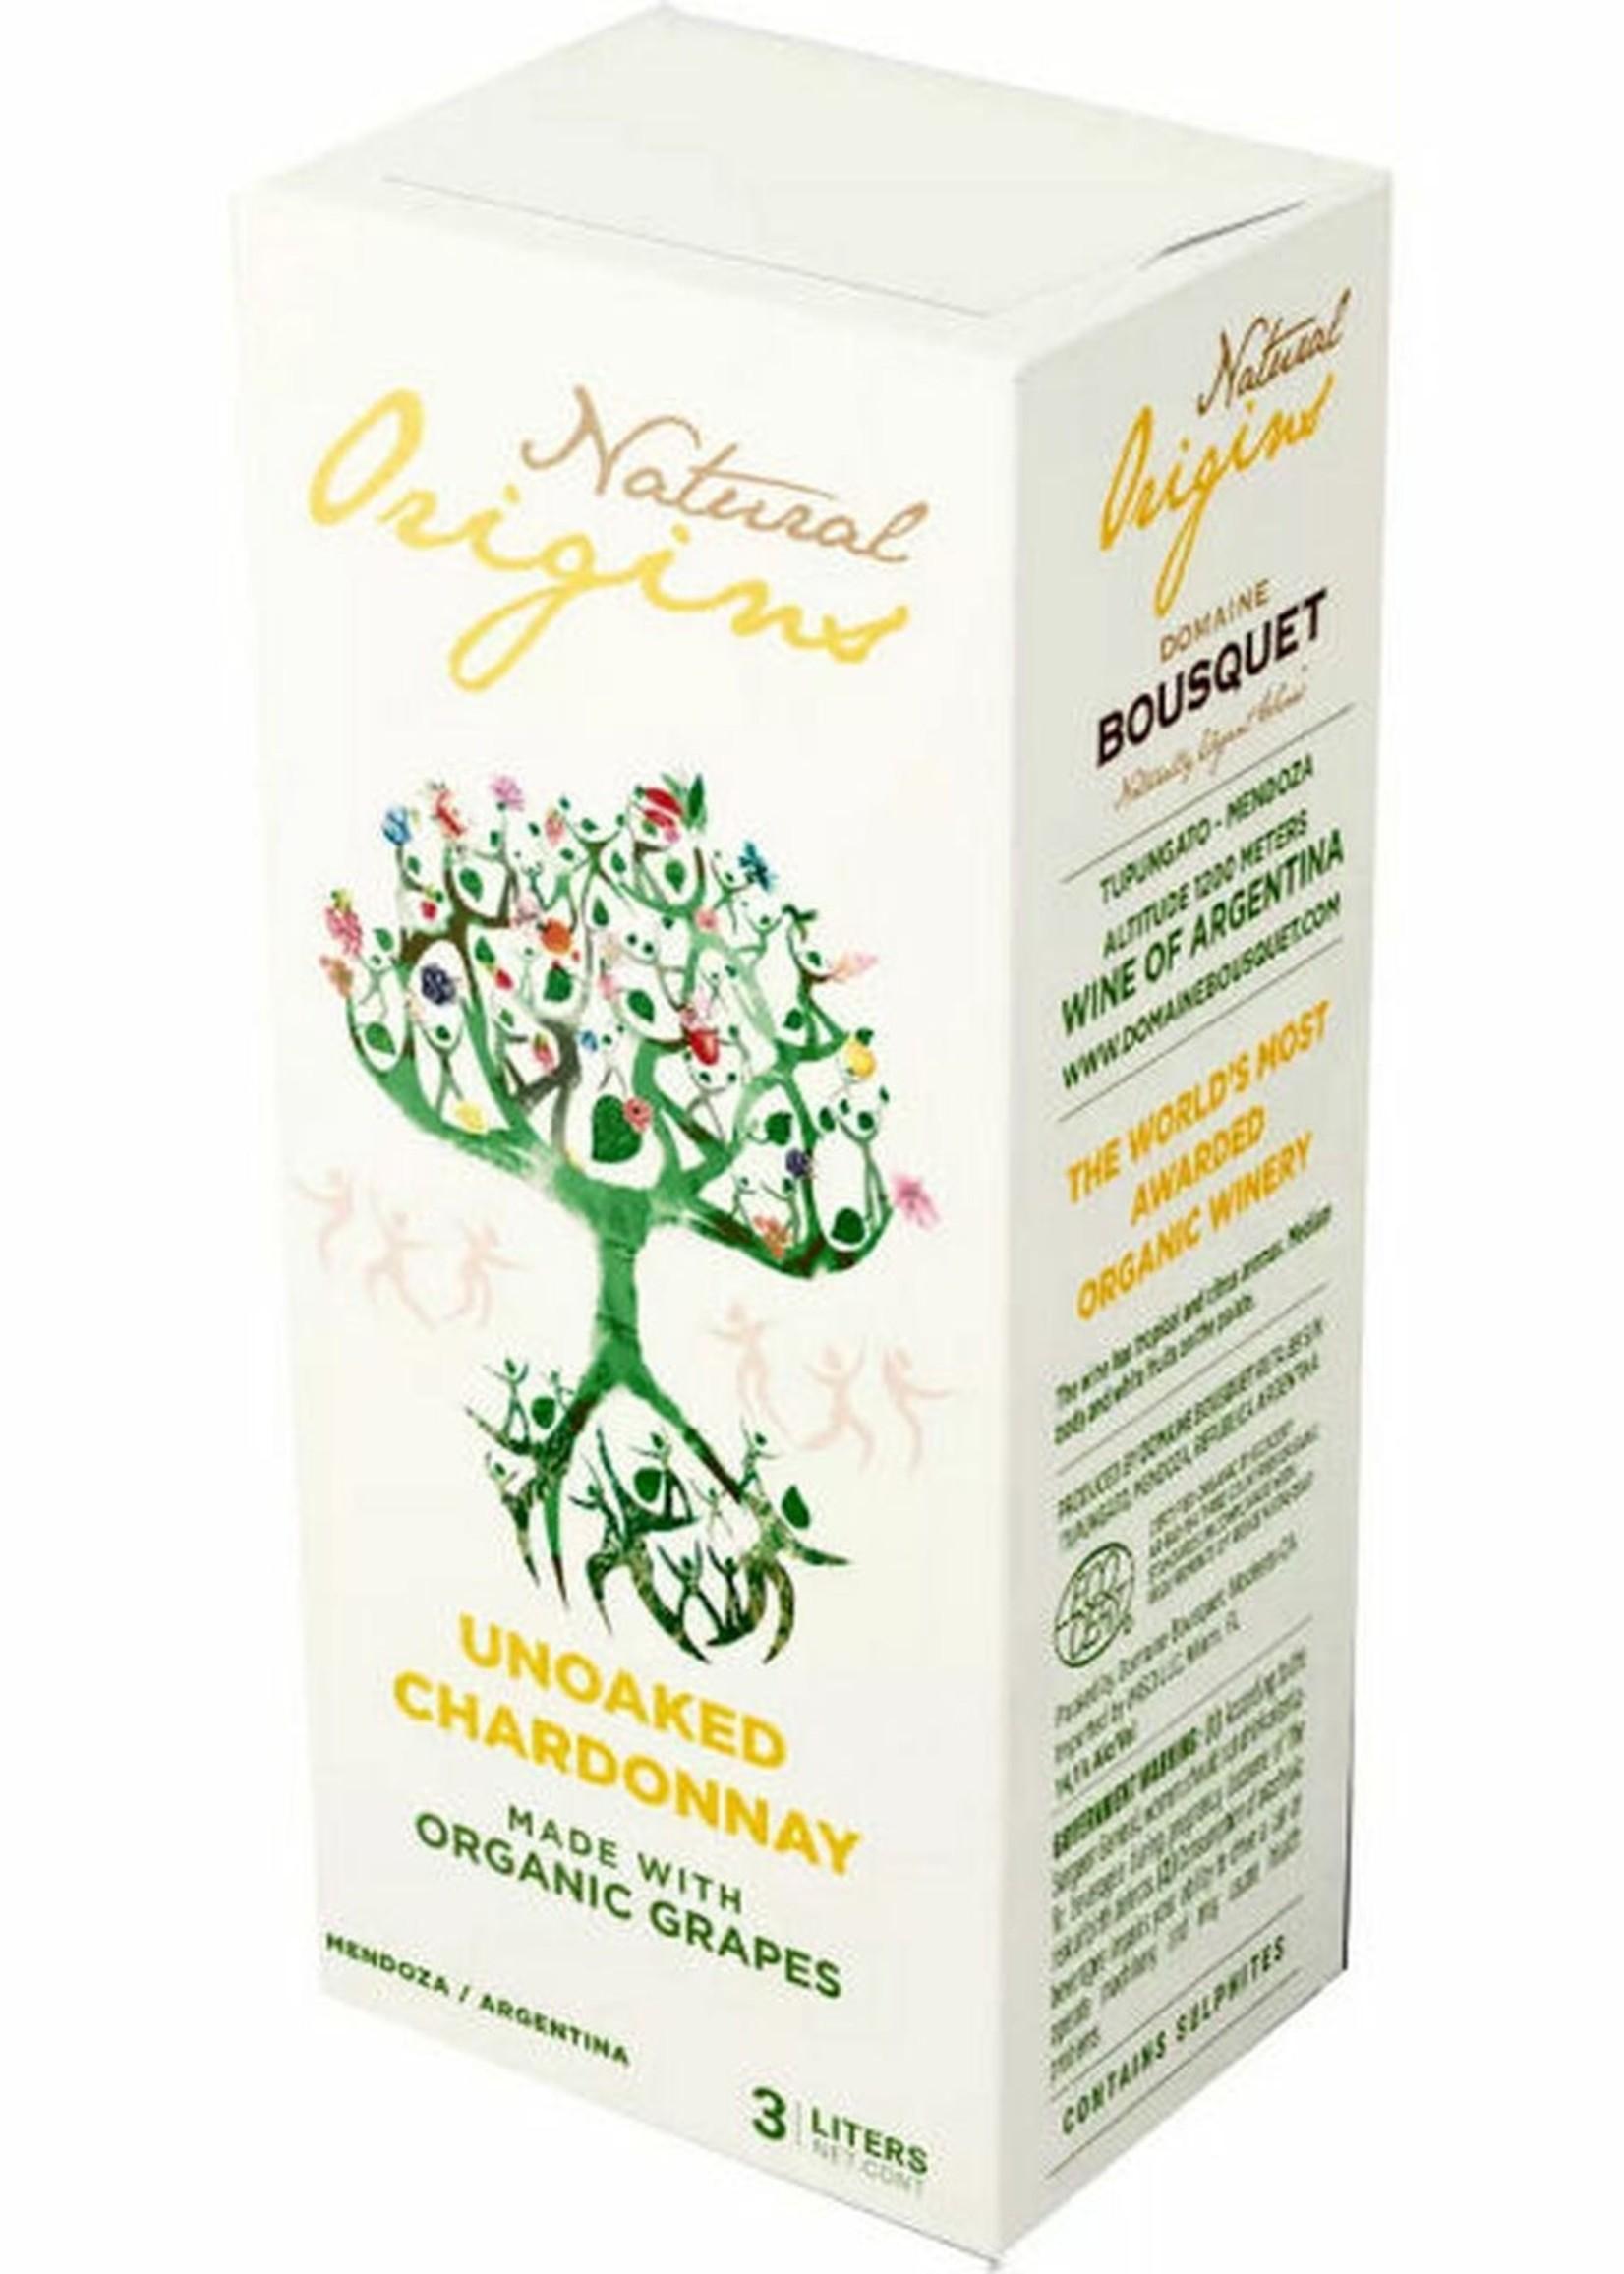 Bousquet Natural Origins No Oak Chardonnay Organic - 3 LTR Box